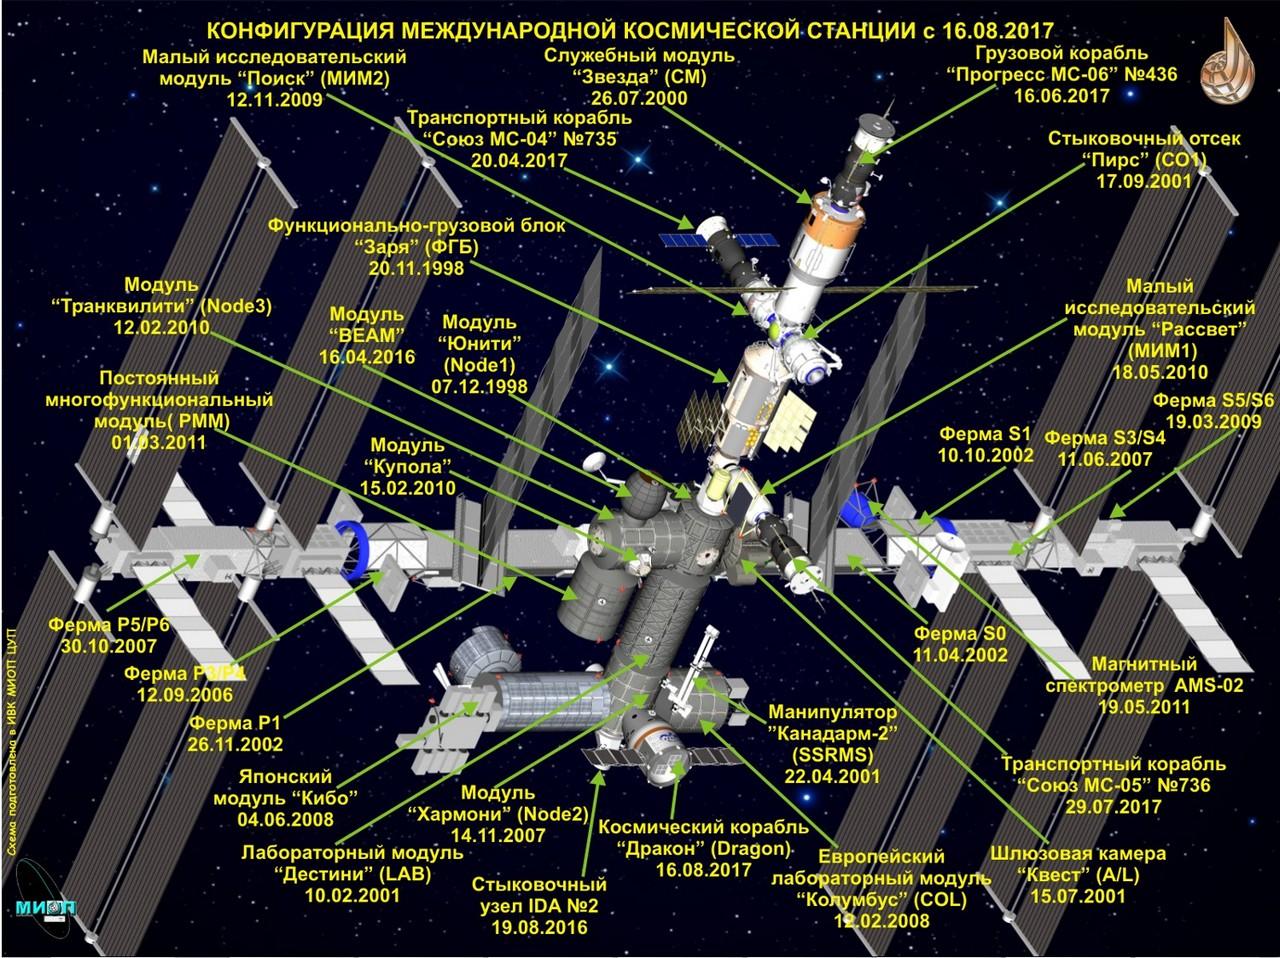 Как будет расследоваться первое космическое преступление?